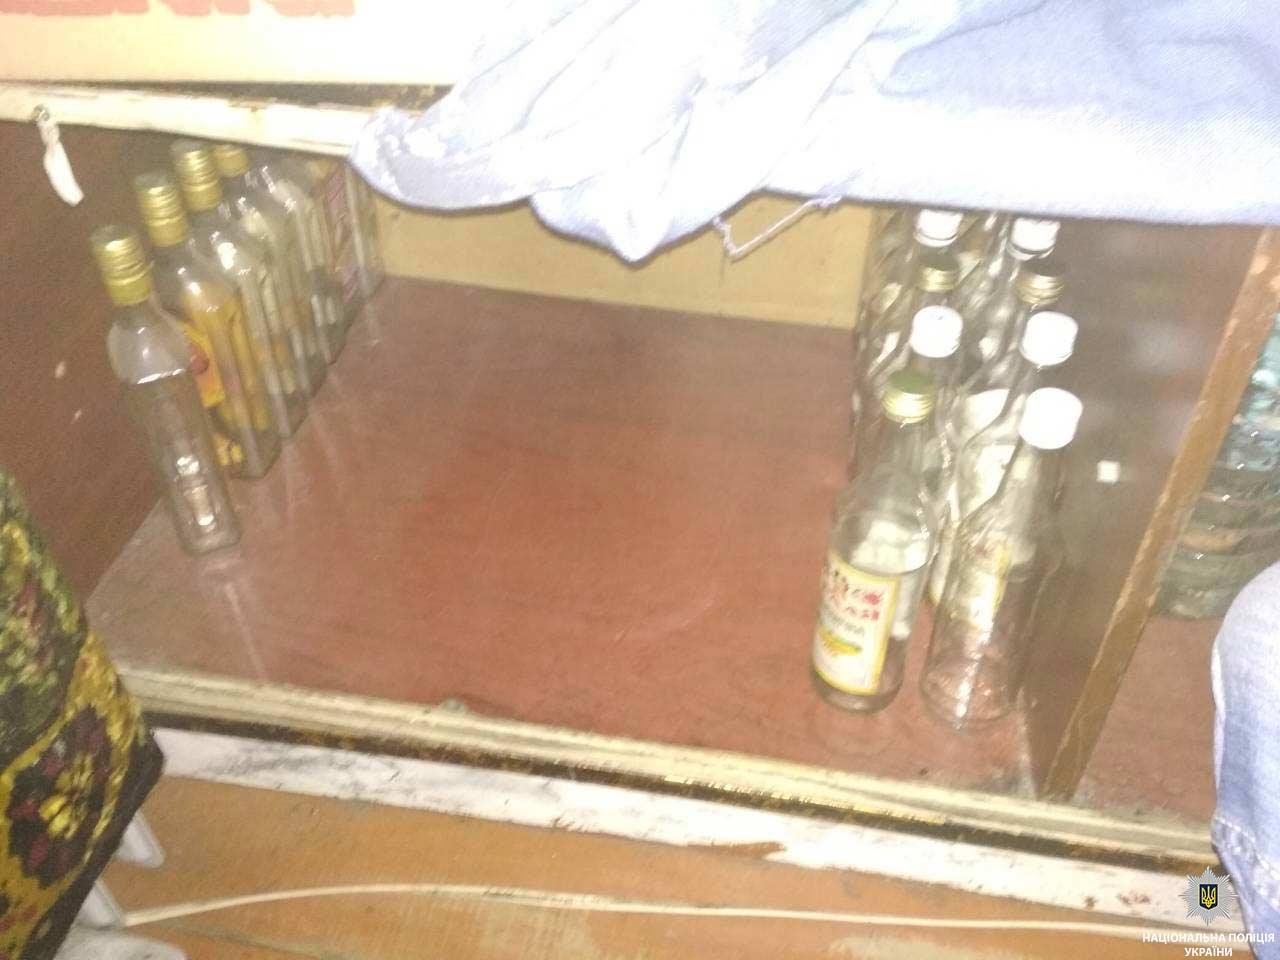 За нелегальную продажу алкоголя хозяин магазина получил штраф